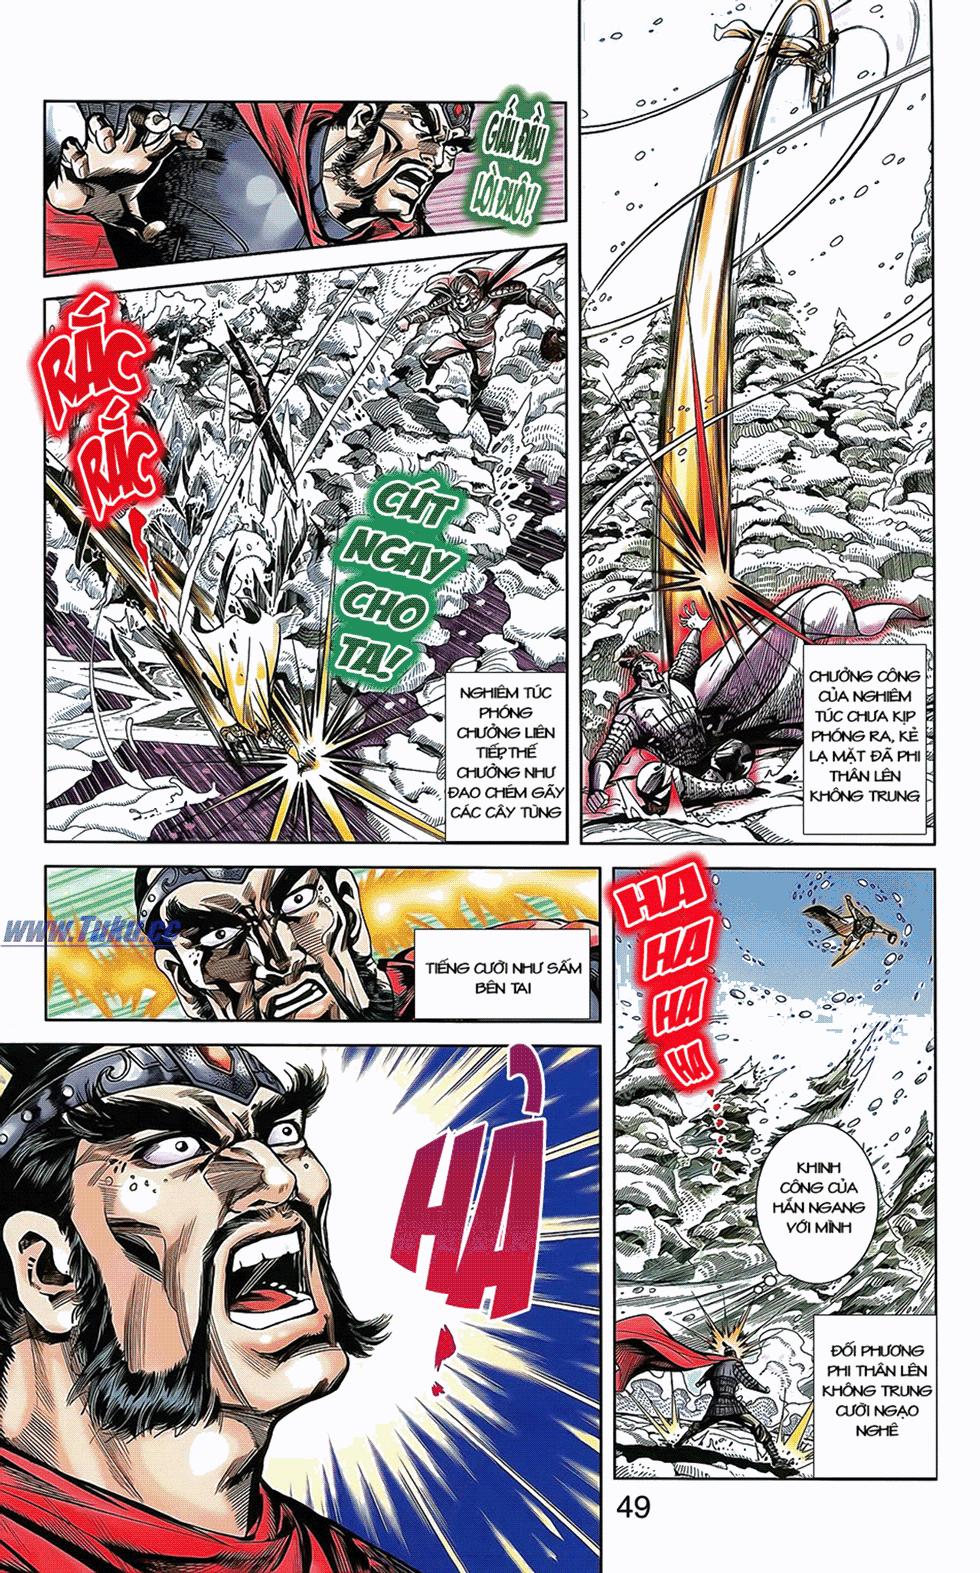 Tần Vương Doanh Chính chapter 7 trang 8